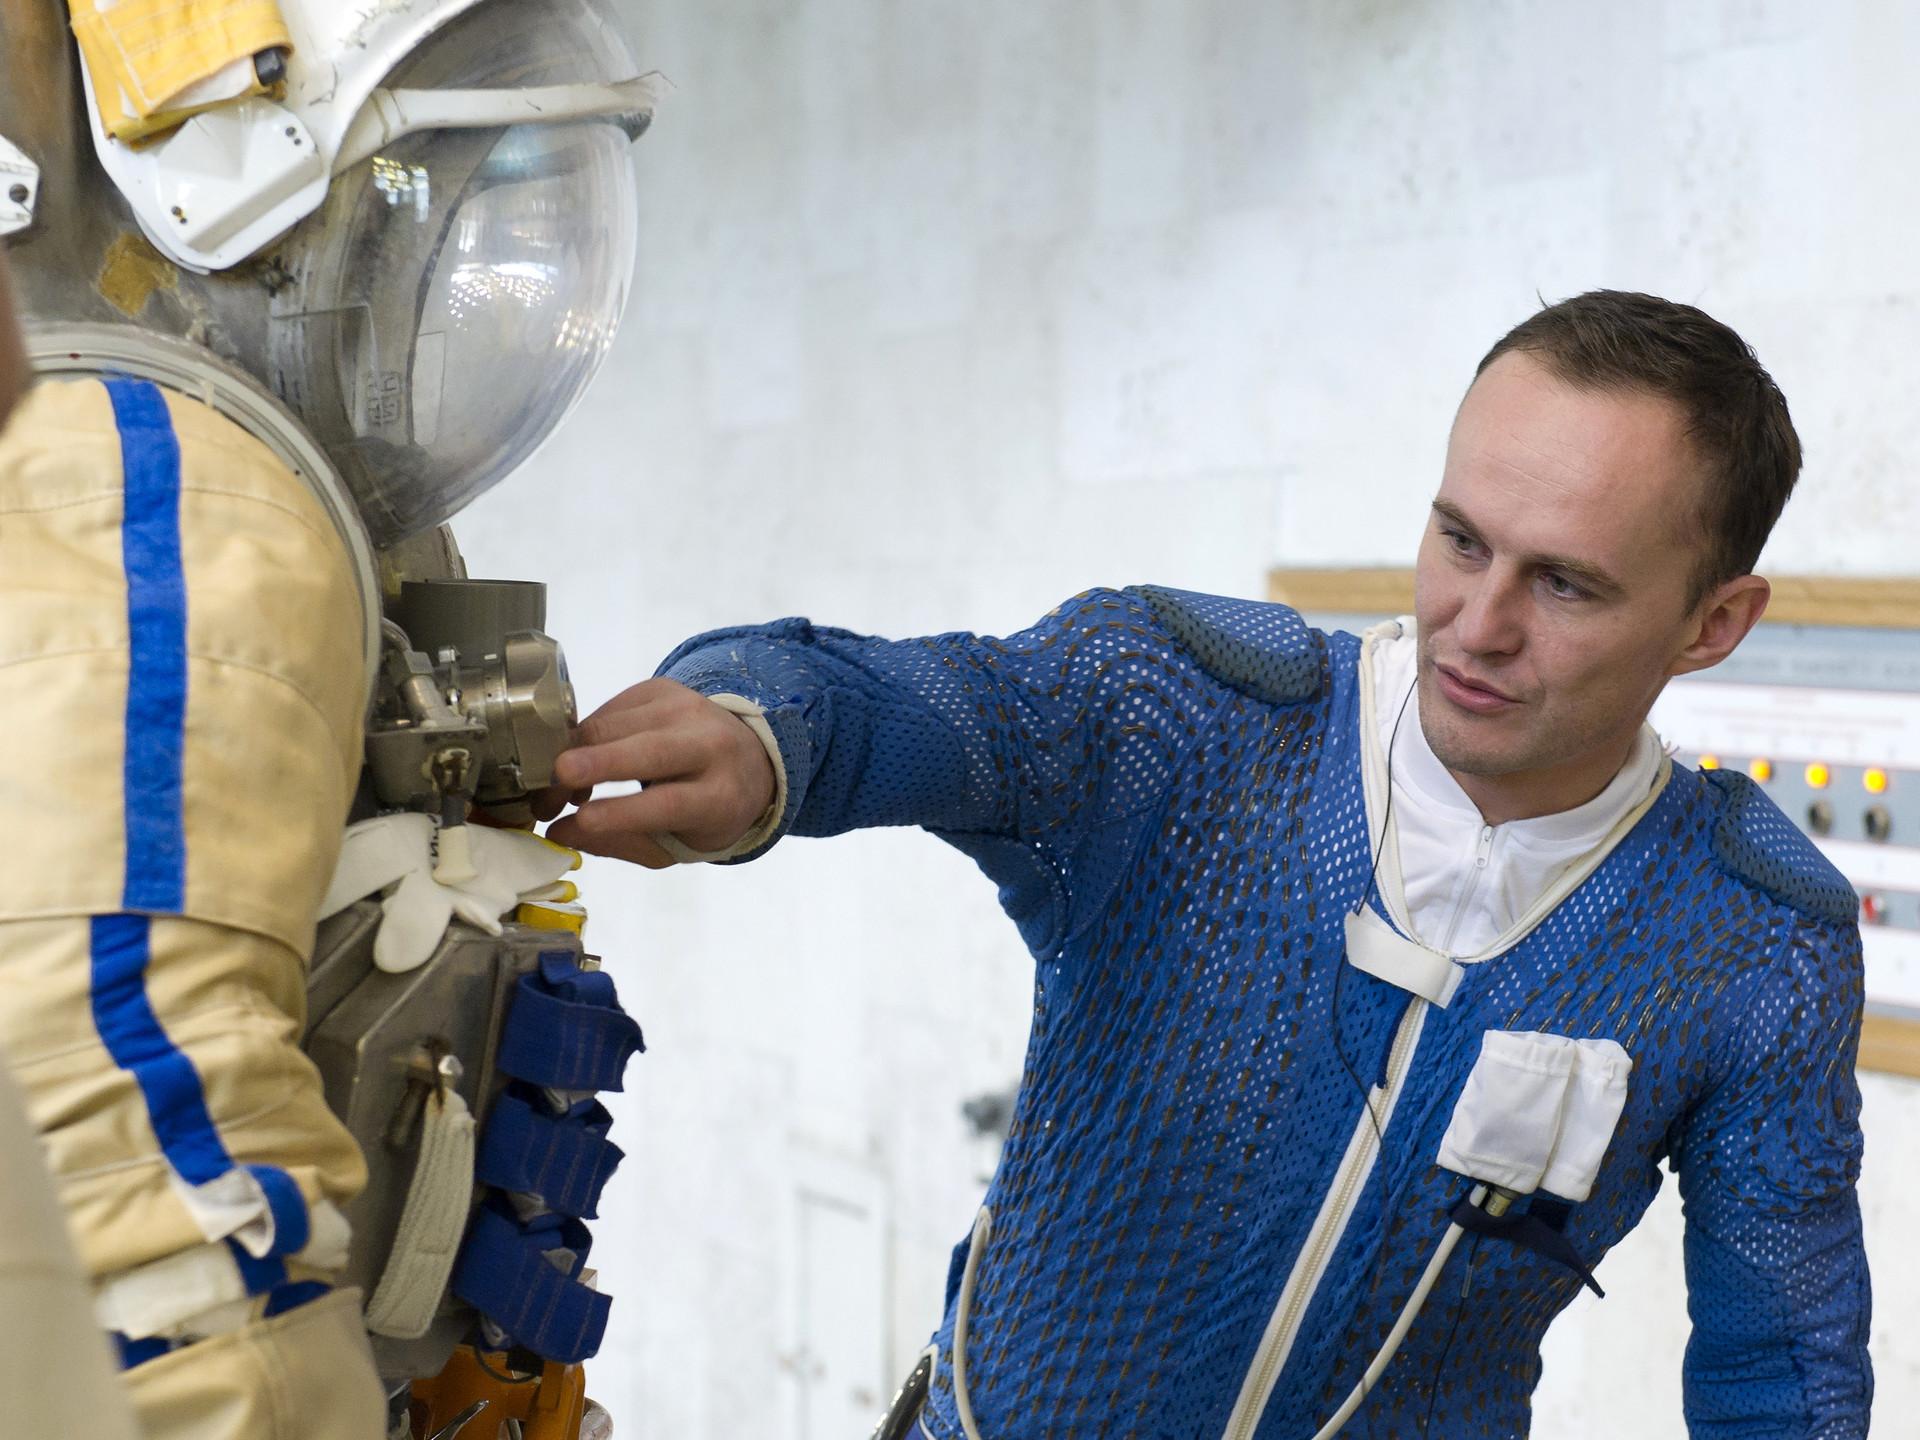 El cosmonauta ruso Serguéi Riazánskiy inspecciona su traje espacial antes de un ejercicio de entrenamiento en el centro de entrenamiento de cosmonautas Star City en las afueras de Moscú.